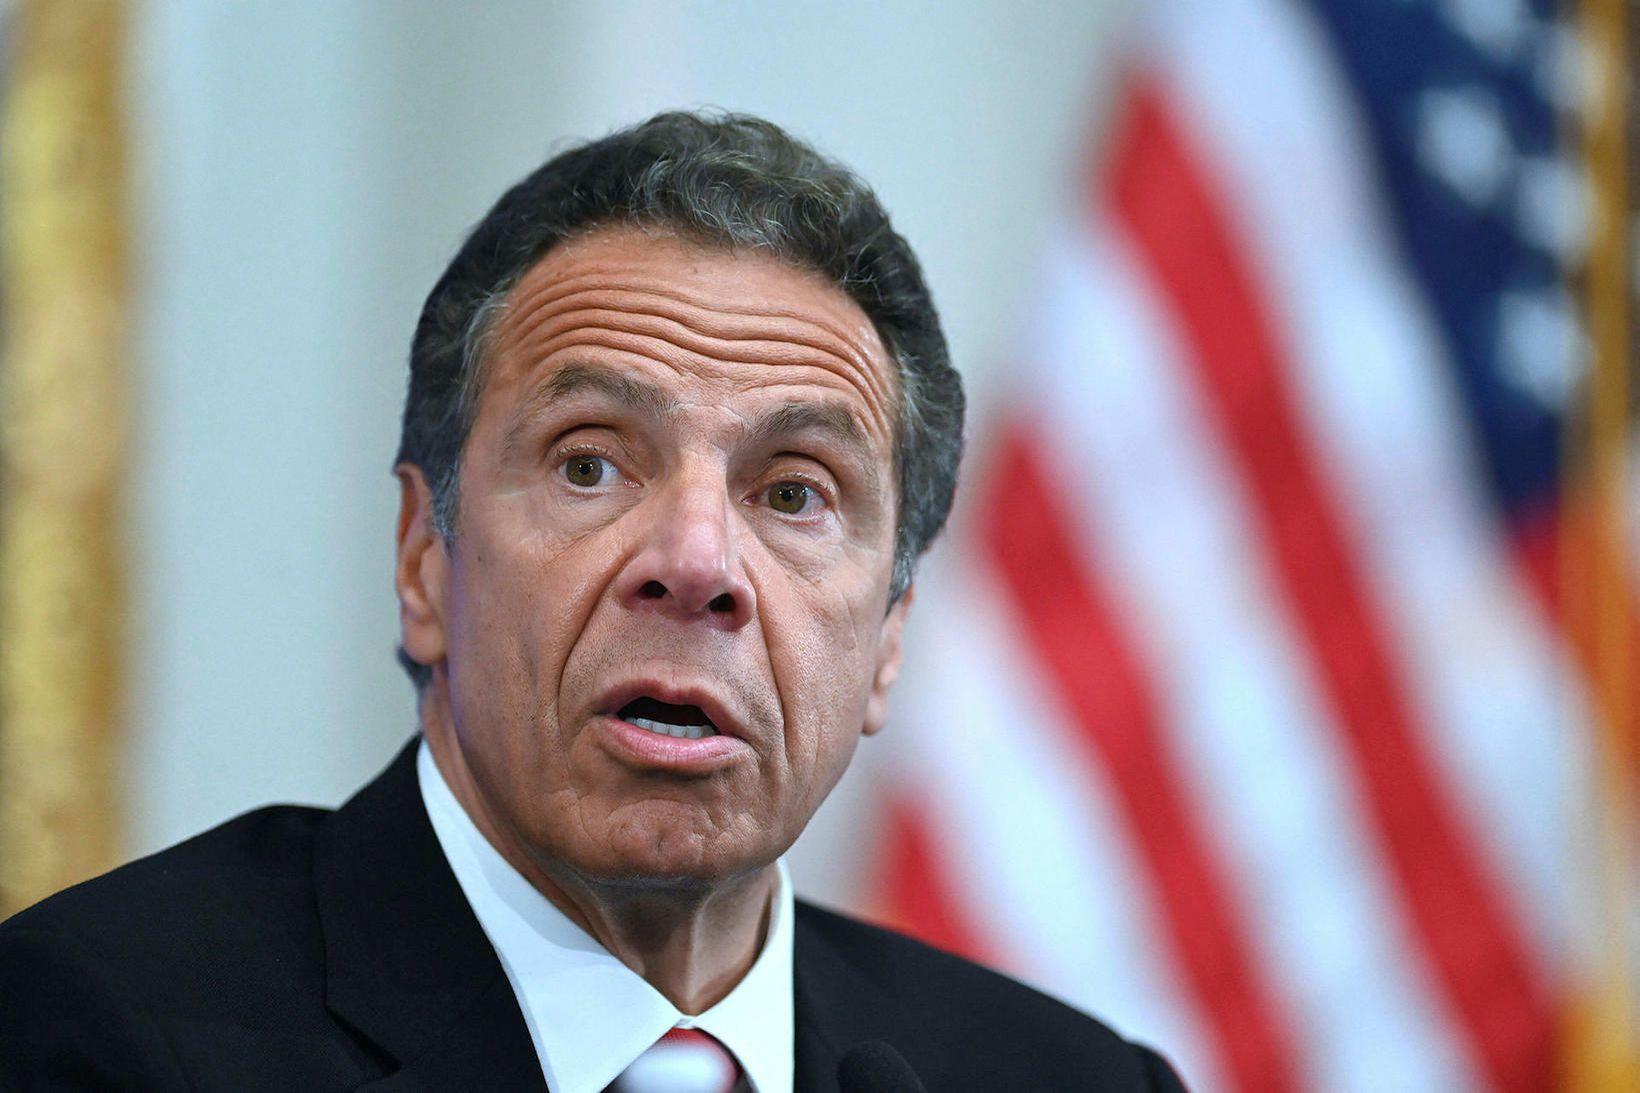 Andrew Cuomo, ríkisstjóri New York, segist ekki hafa áreitt konurnar …